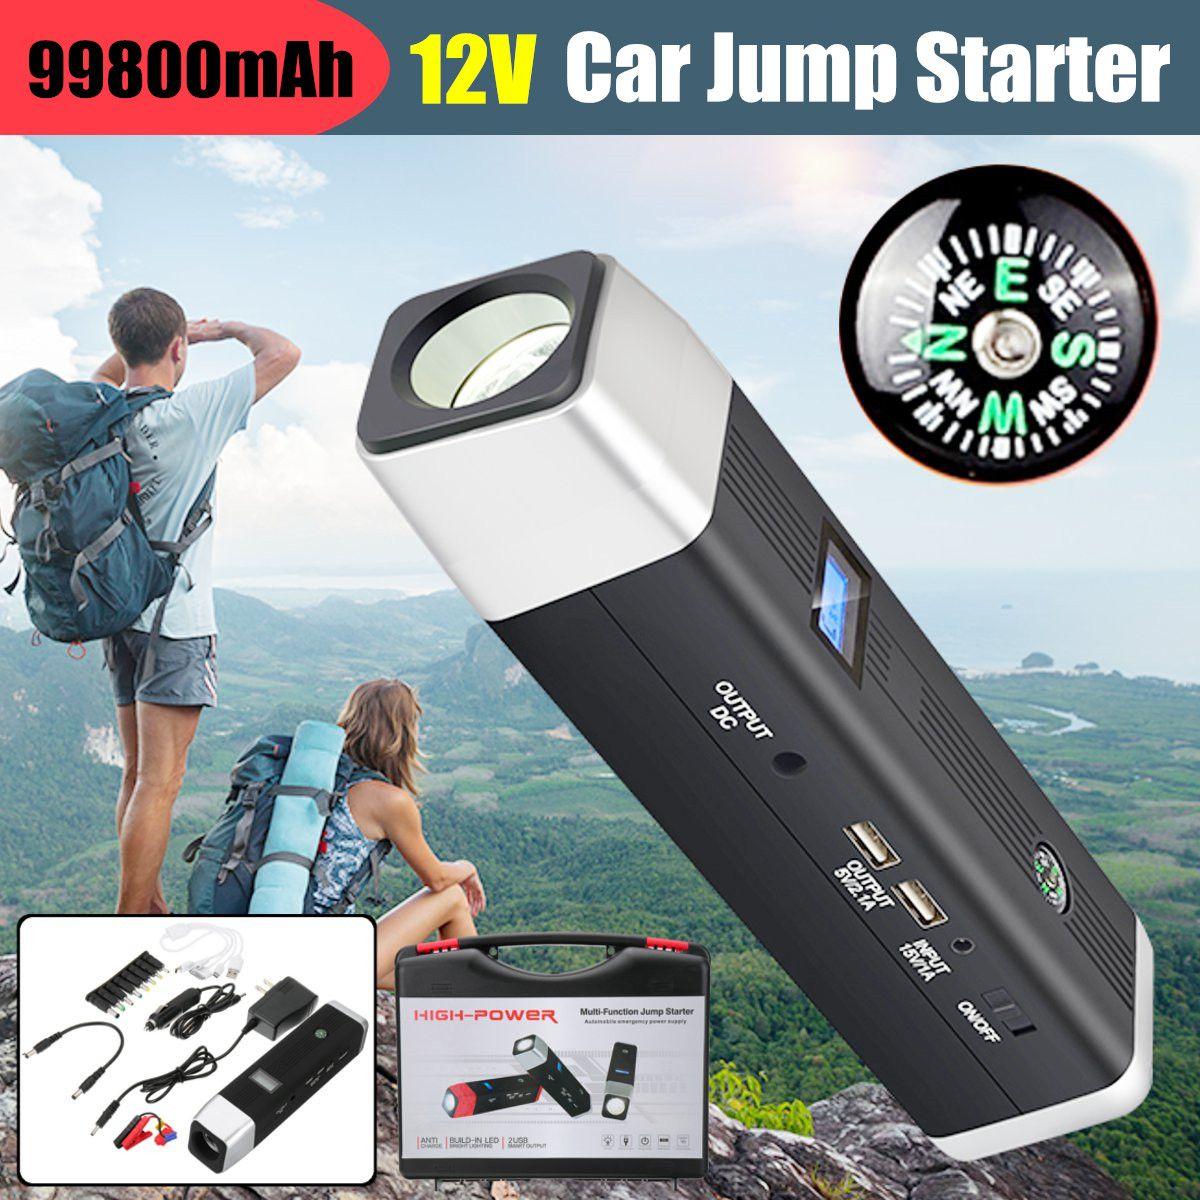 99800 mAh puissance voiture saut démarreur 12 V 600A pics Portable démarrage dispositif batterie externe chargeur de voiture pour voiture batterie Booster 2 USB